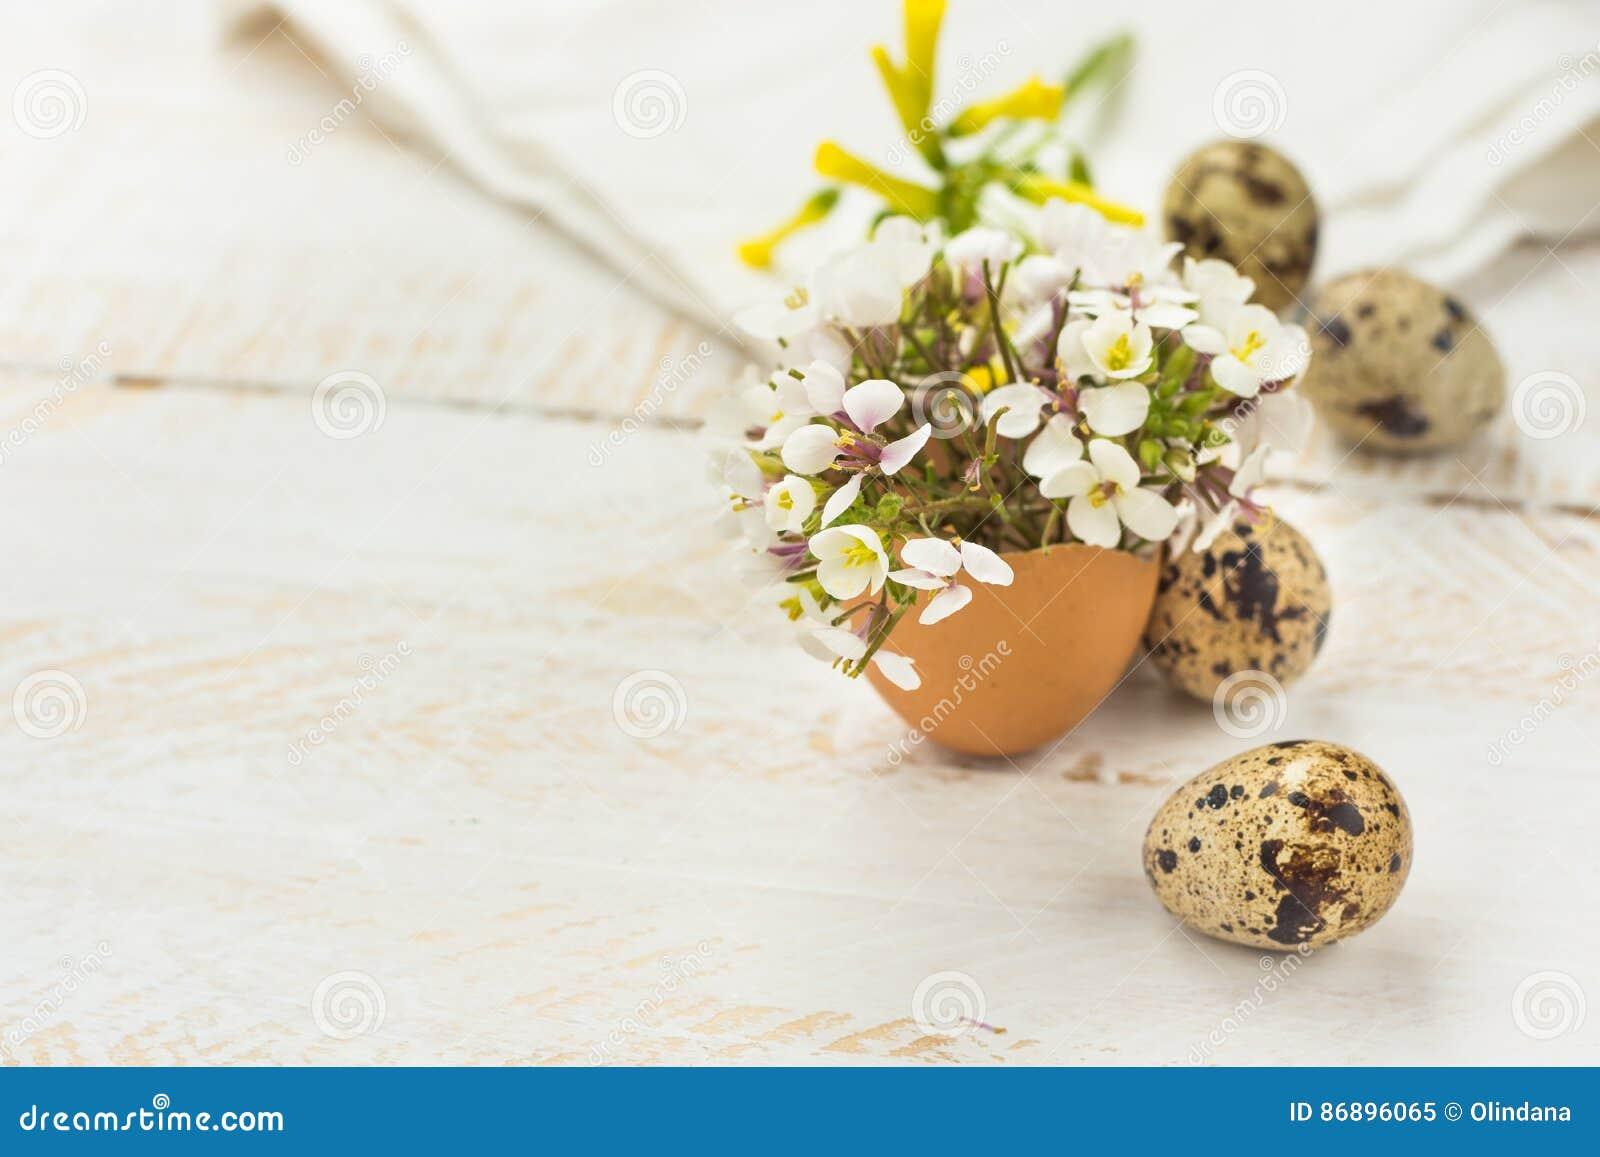 Kleine de lente gele witte bloemen in eierschaal kwartelseieren houten achtergrond pasen - Foto decoratie ...